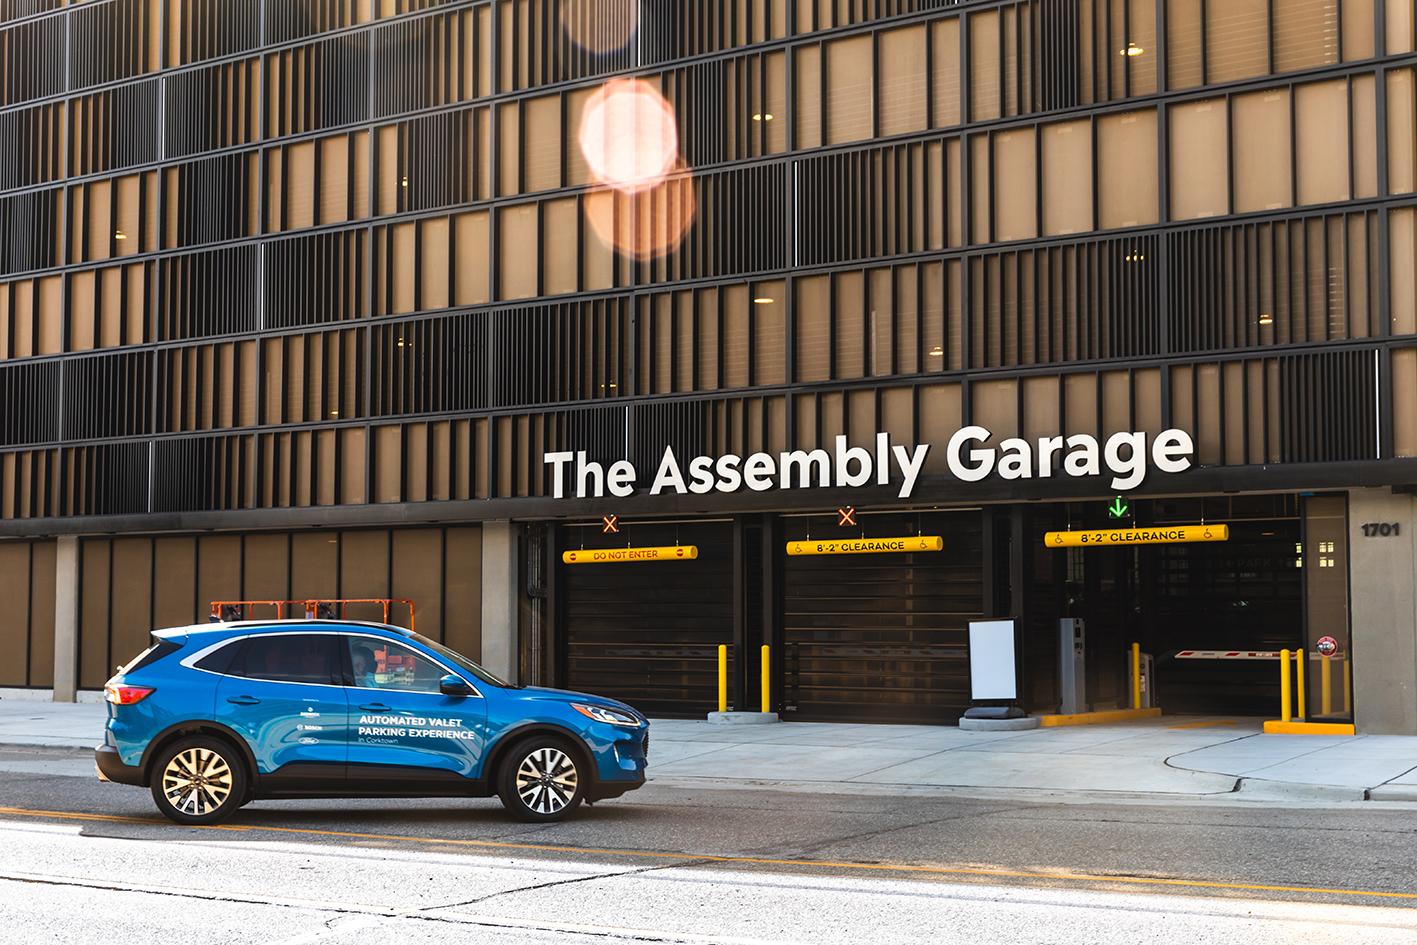 Wysoce zautomatyzowana usługa parkingowego: połączony pojazd i inteligentna infrastruktura usprawniają automatyczne parkowanie.